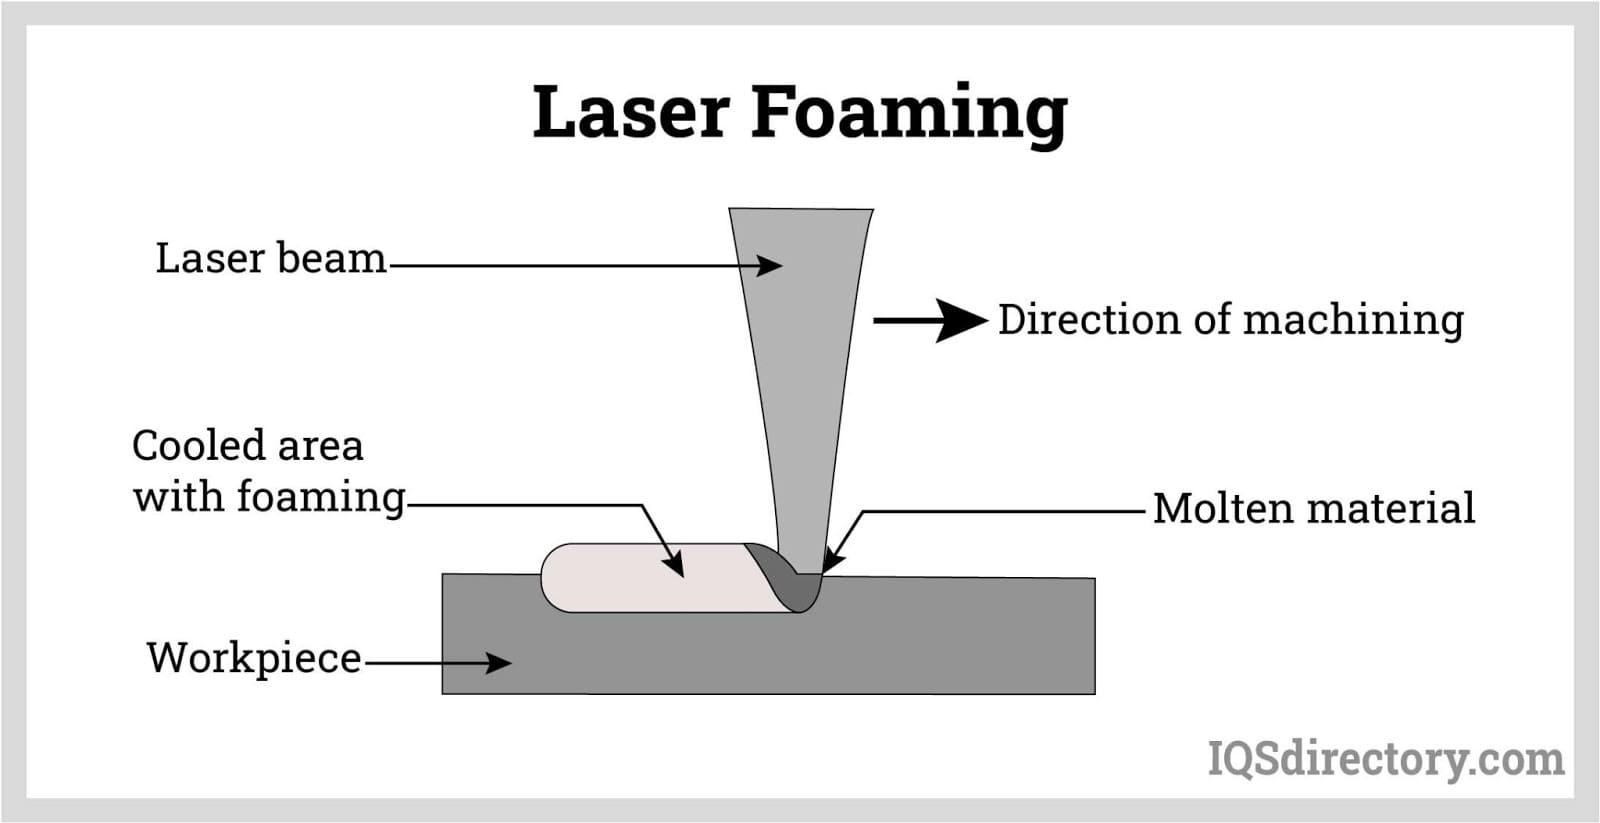 Laser Foaming